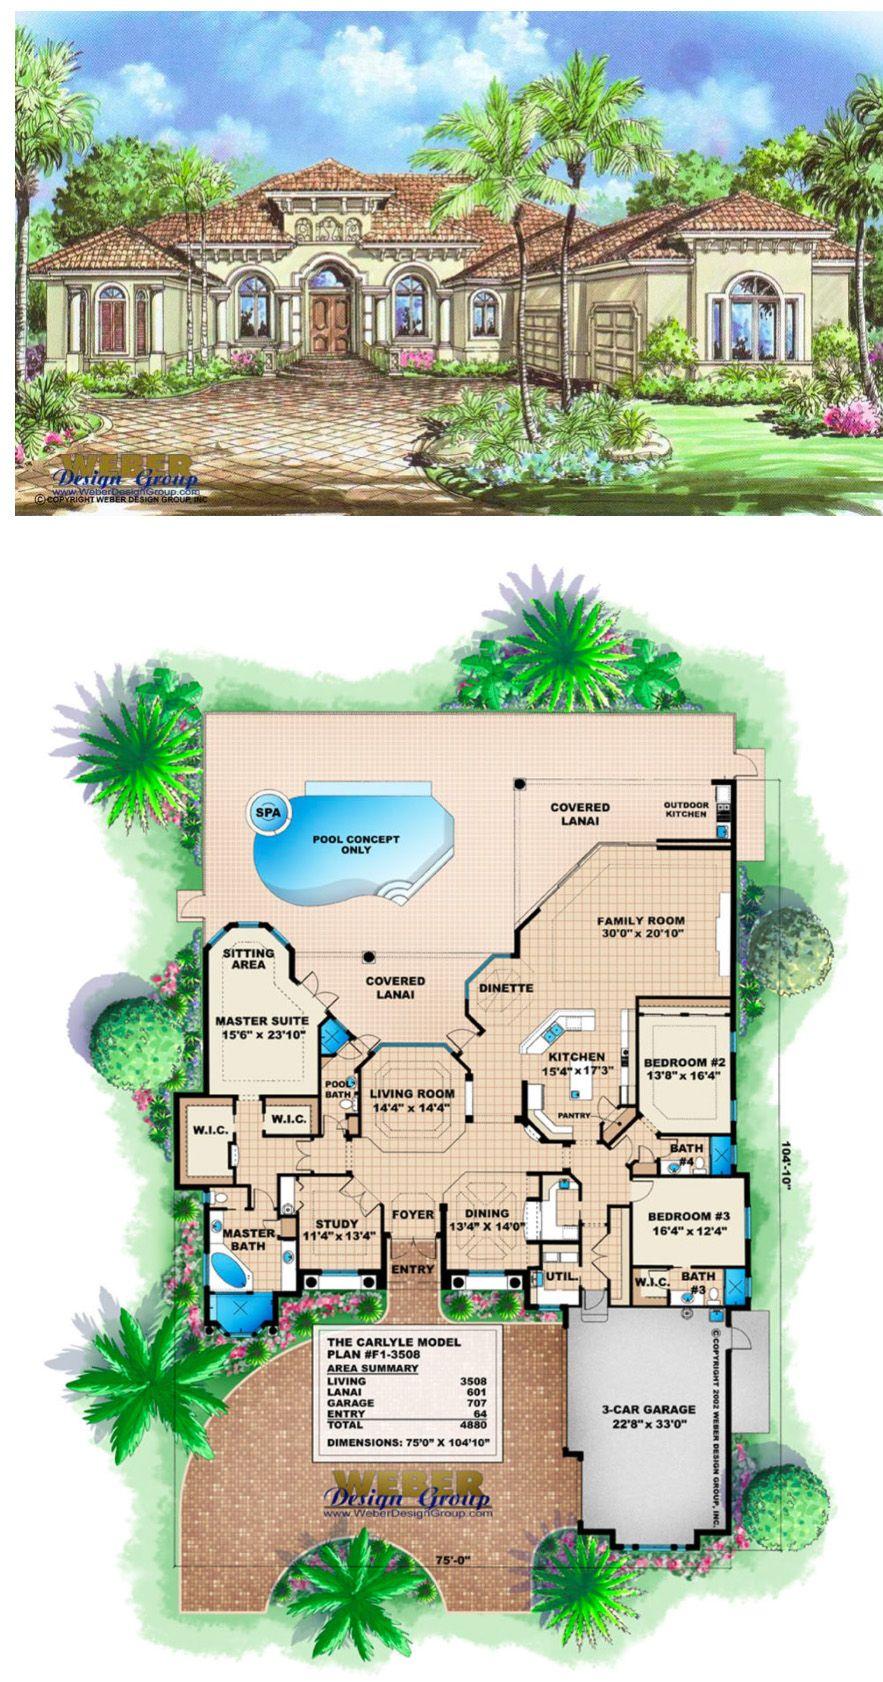 Mediterranean House Plan 1 Story Mediterranean Floor Plan With Pool Mediterranean Floor Plans Mediterranean Style House Plans Mediterranean House Plans